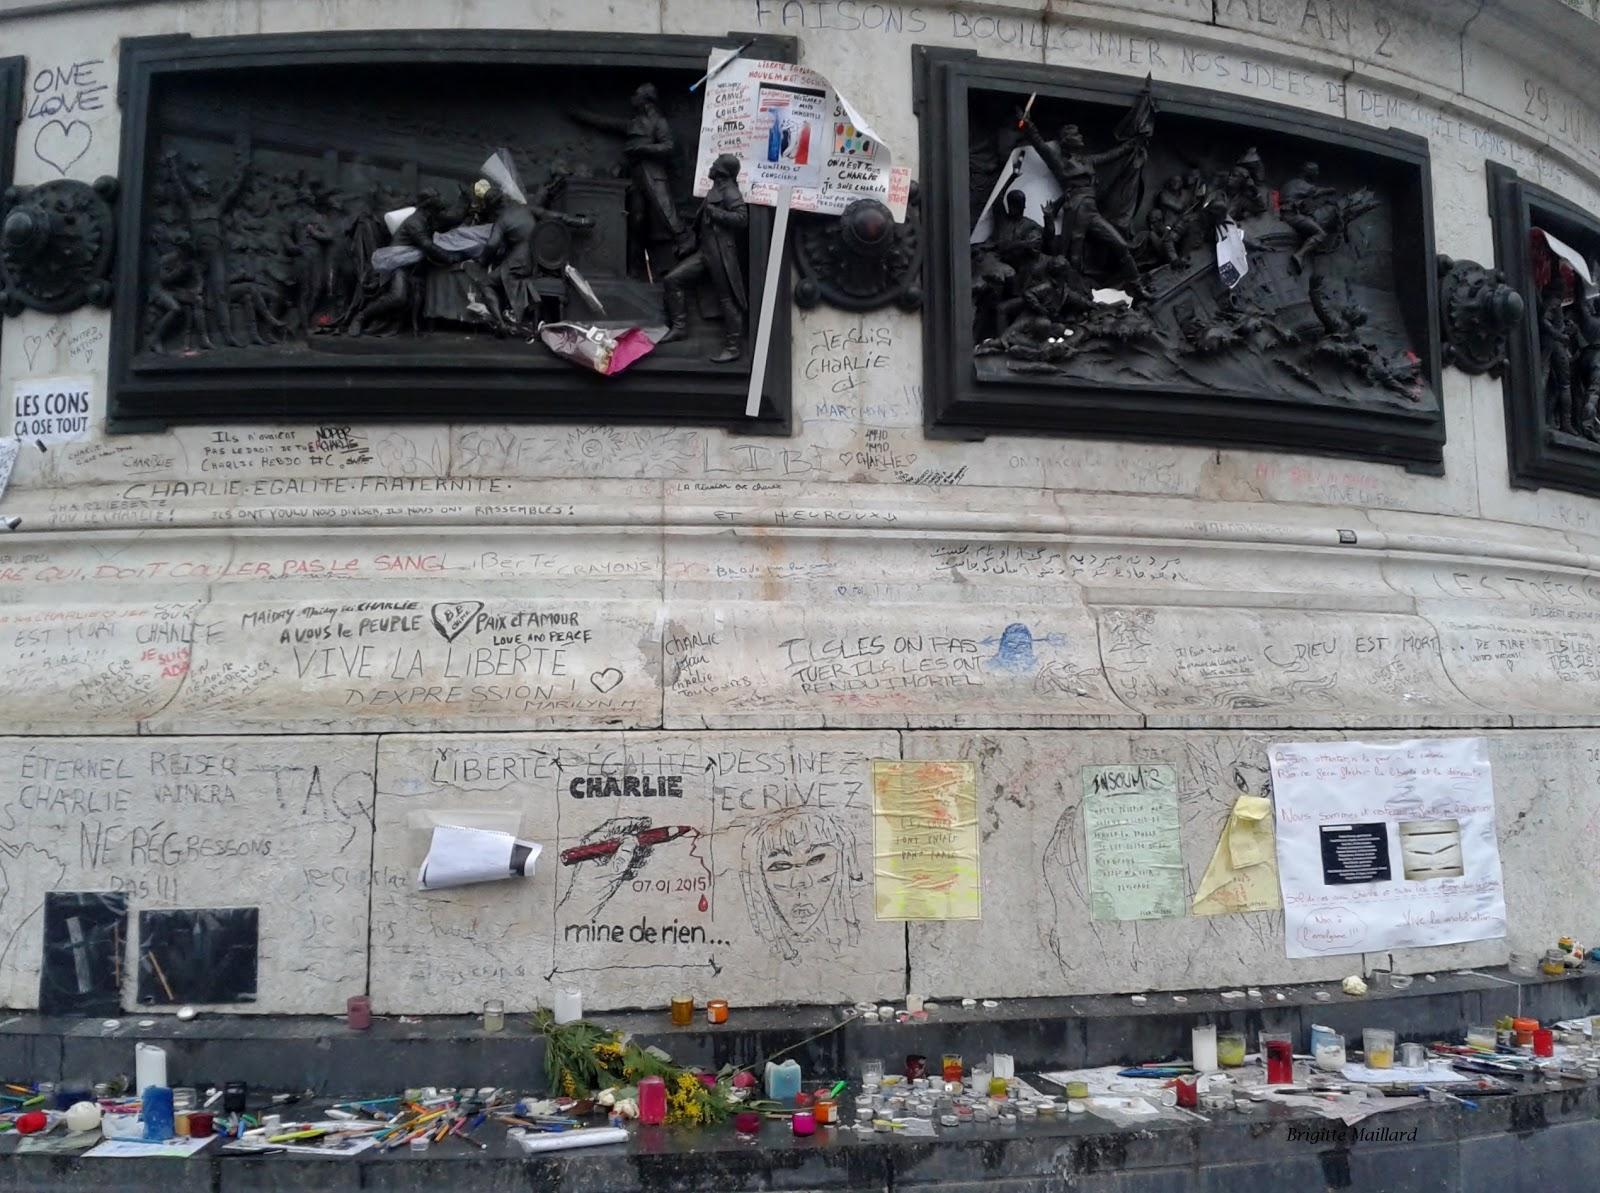 Le 11 janvier 2014 Place de la république